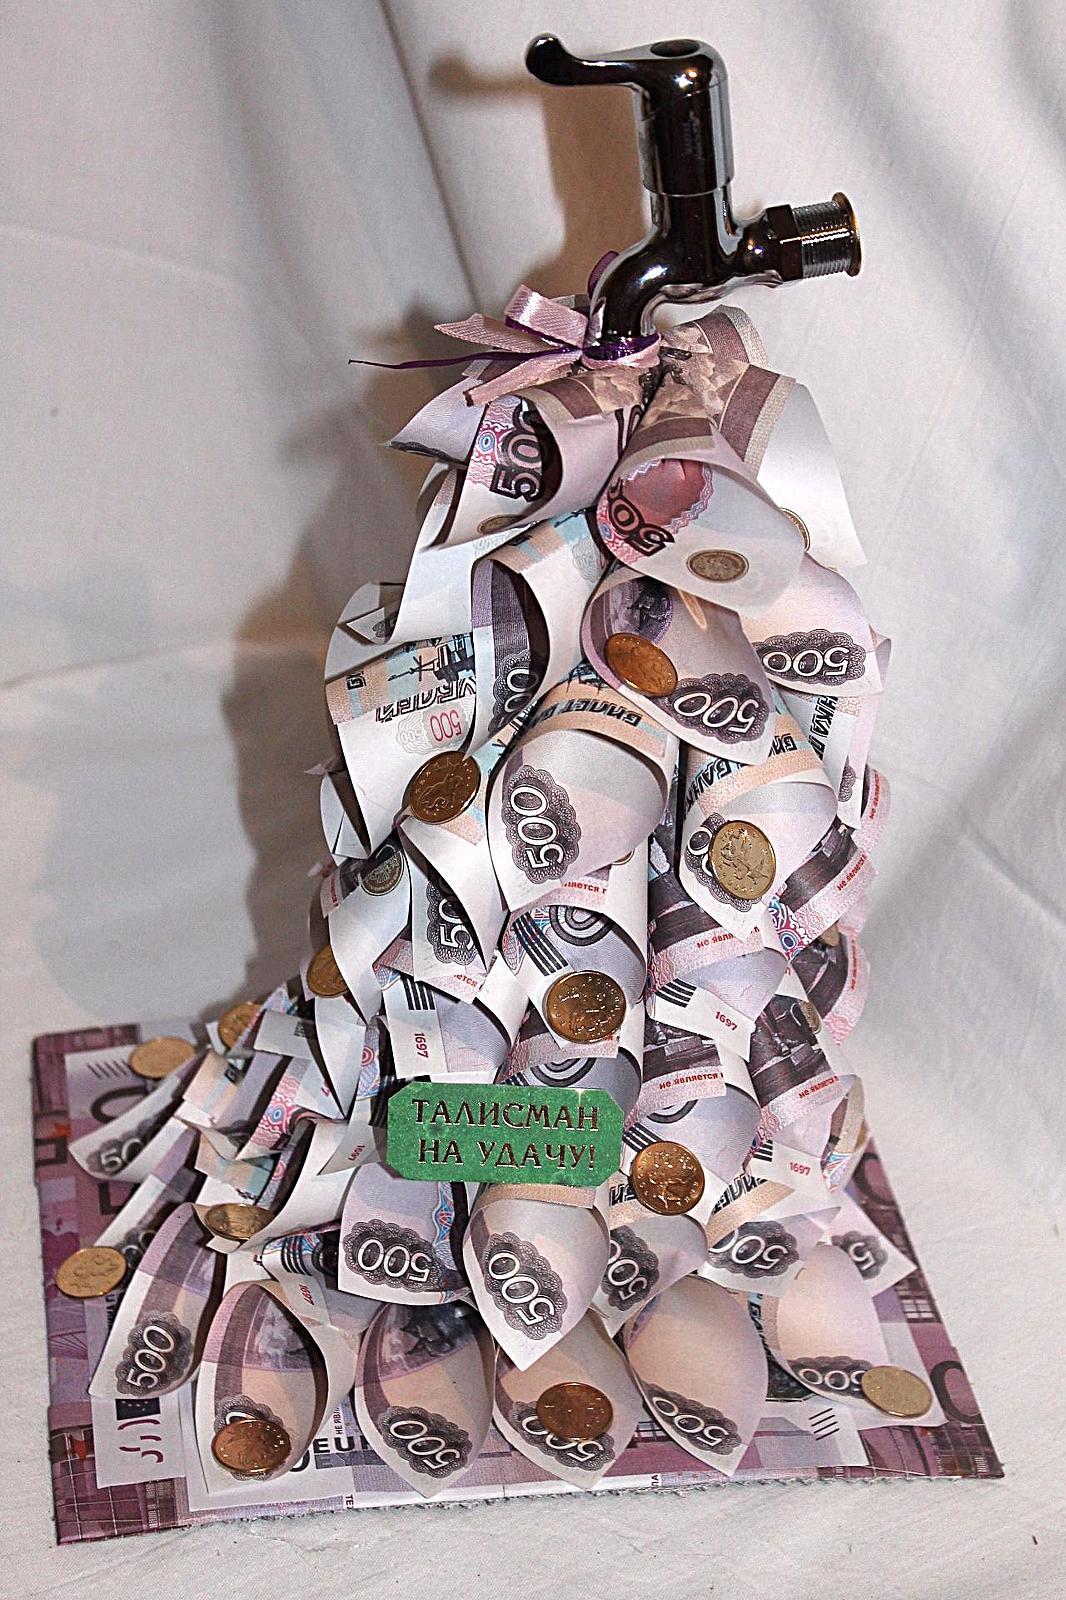 Фото как сделать денежный талисман своими руками